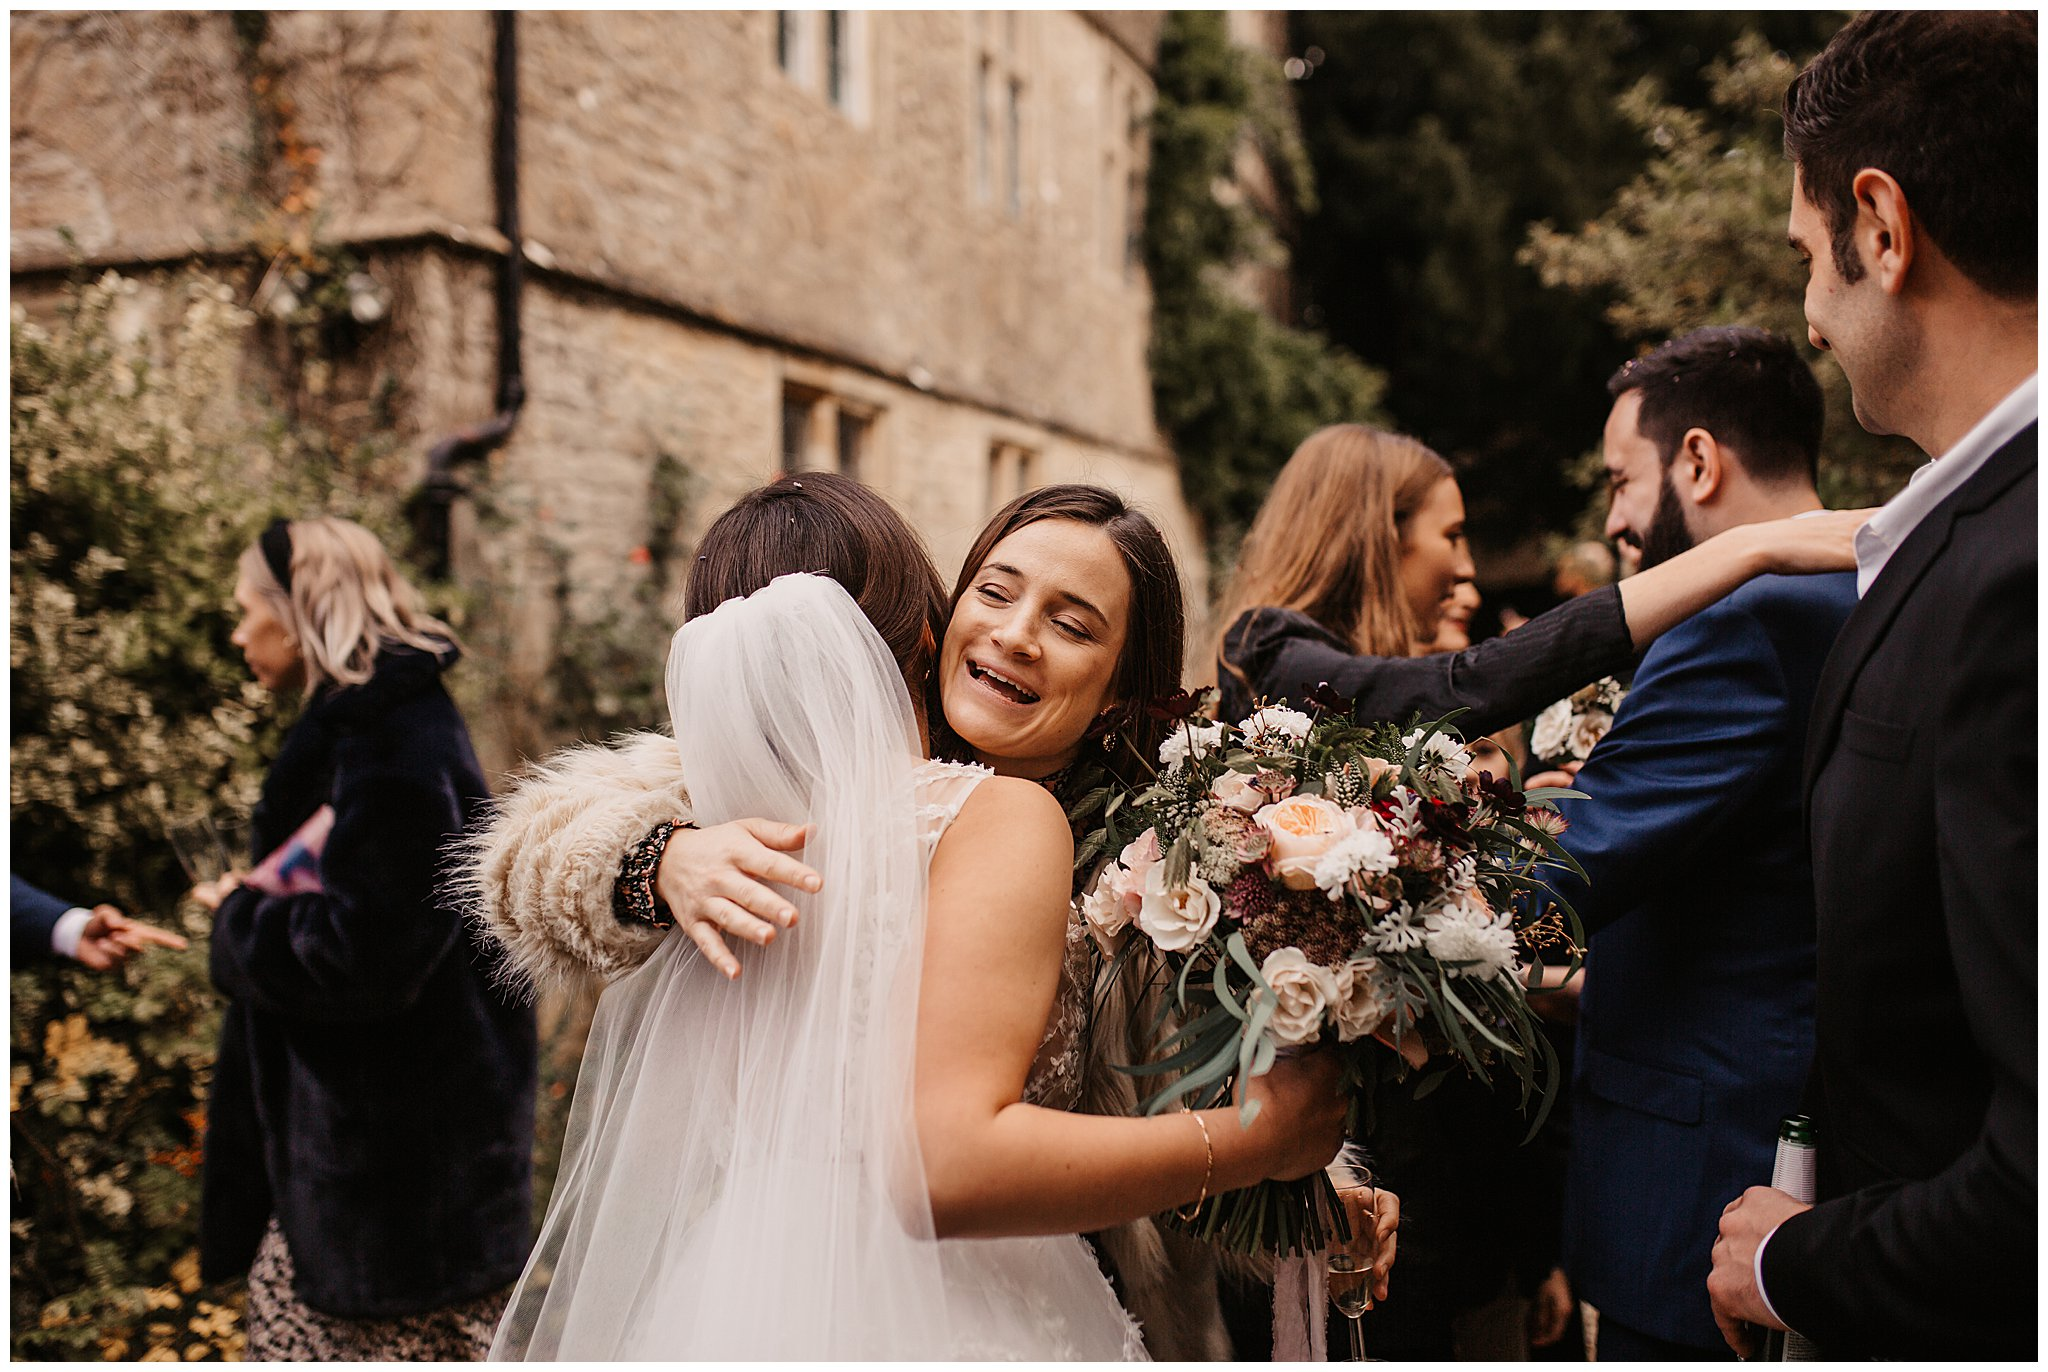 Max & Ksenia Autumnal Wiltshire Wedding-322.jpg